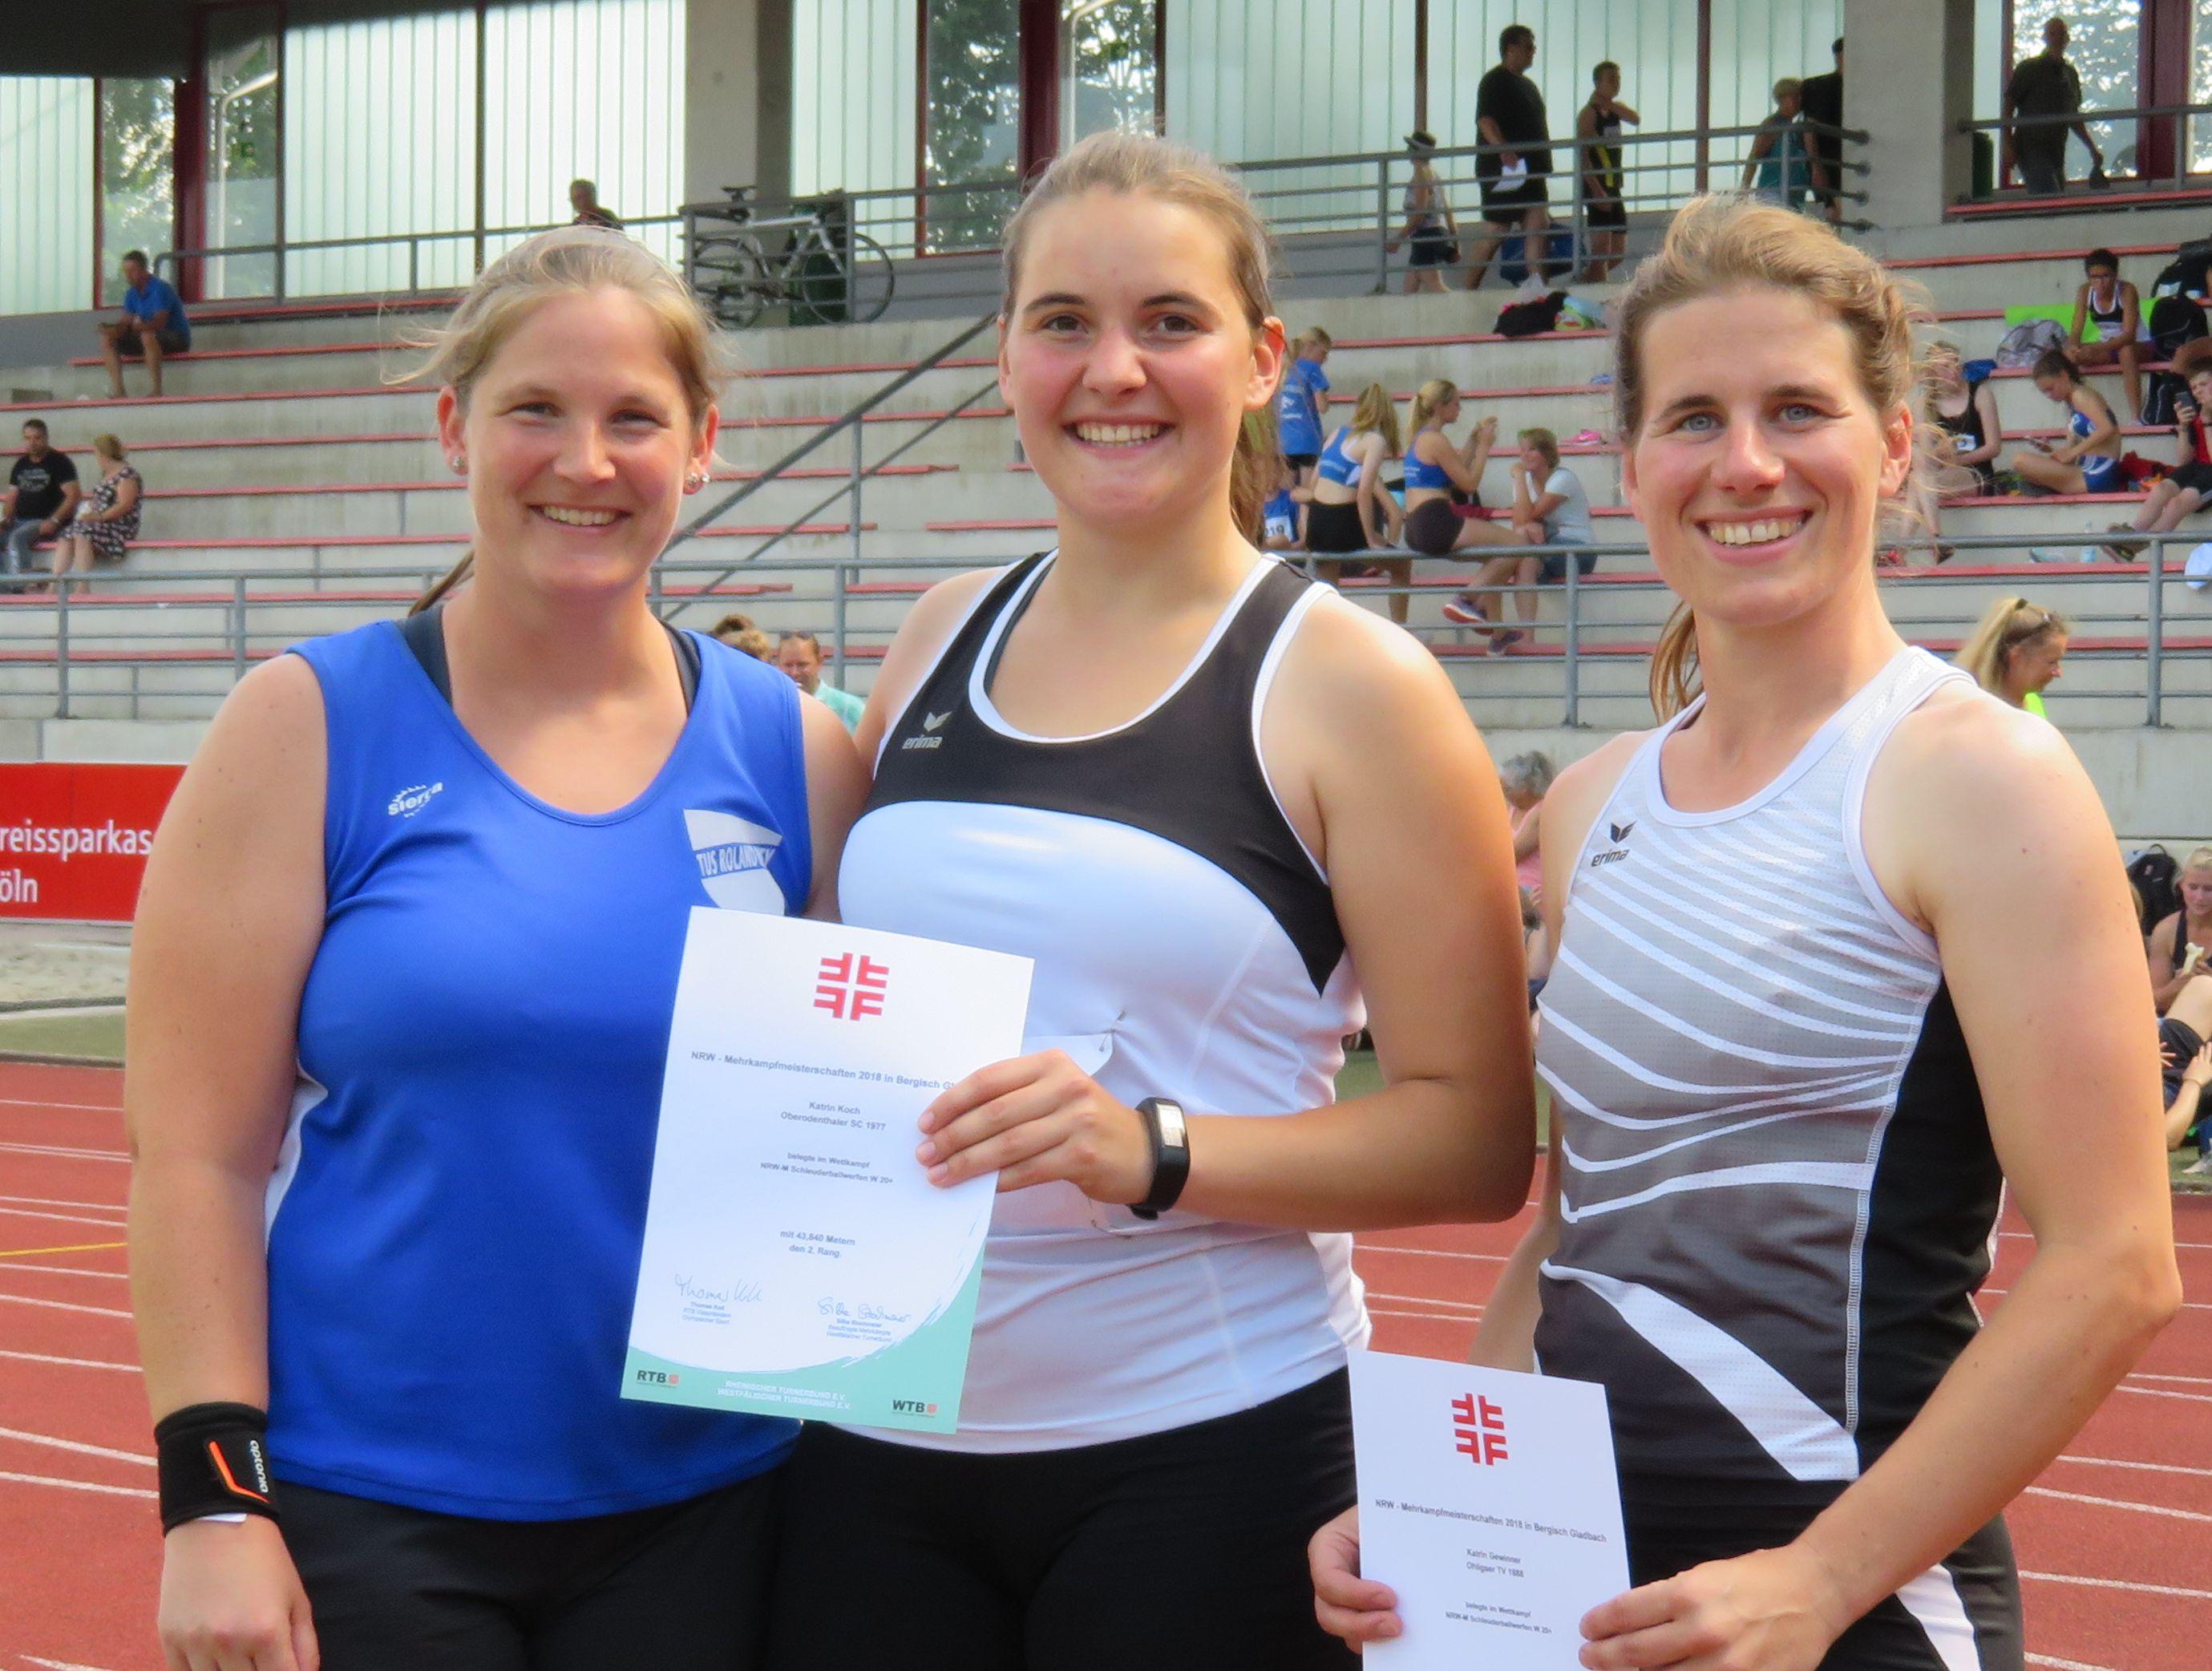 OSC Mehrkampfmeisterschaften NRW 2018 Katrin Koch